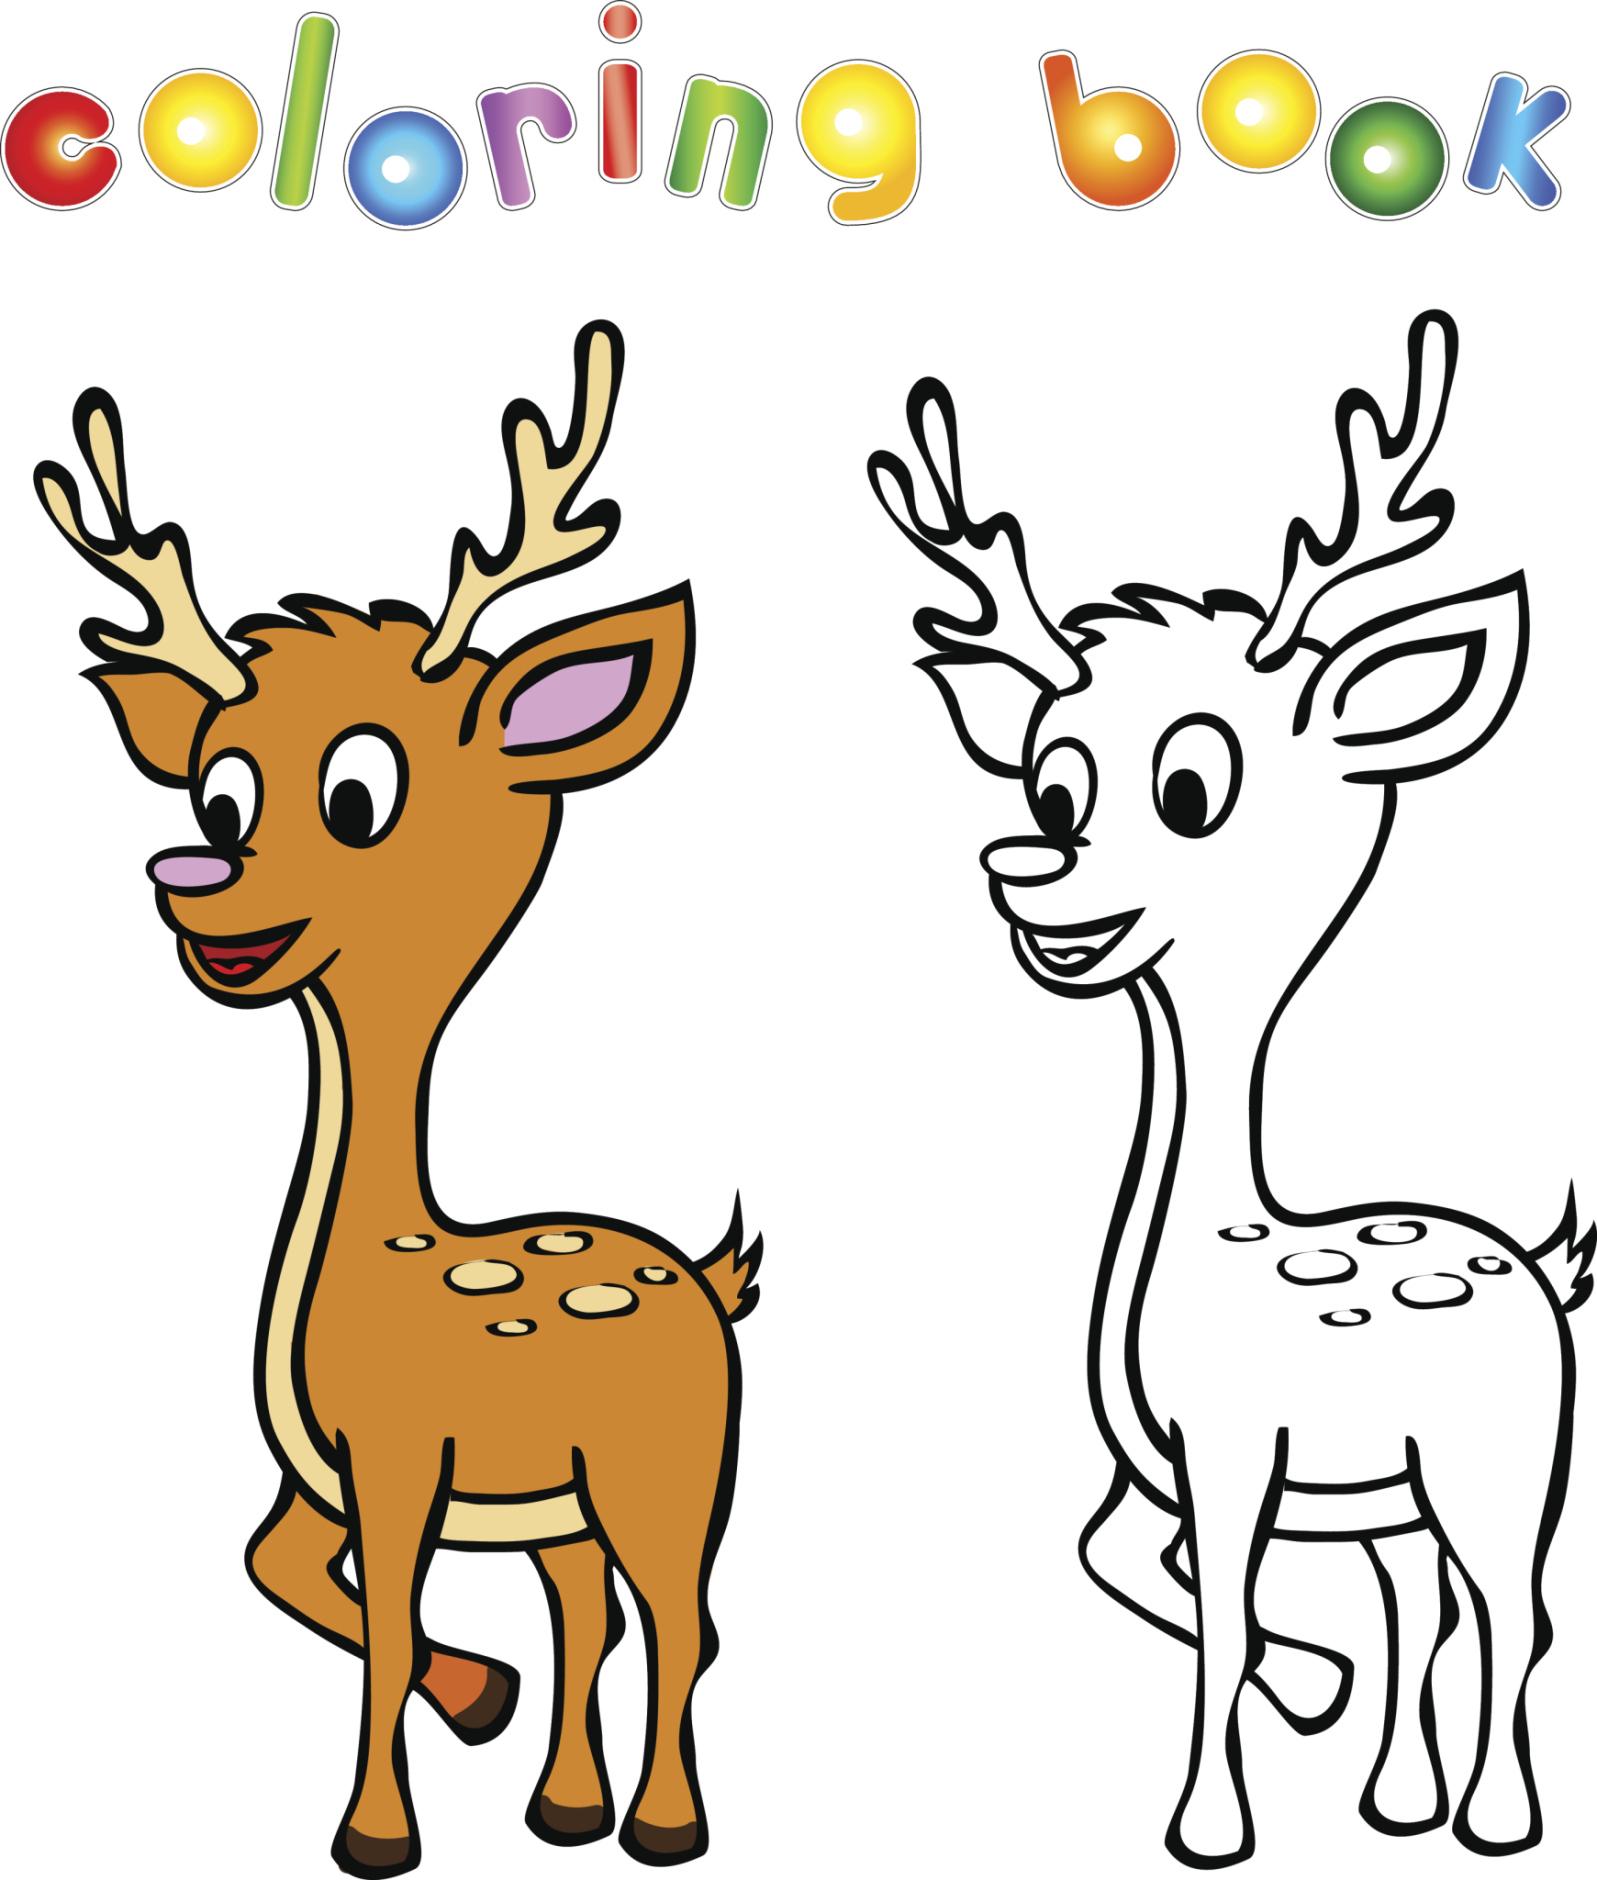 Coloriage De Noel : 20 Modeles A Imprimer - Famili.fr dedans Modele Dessin Enfant